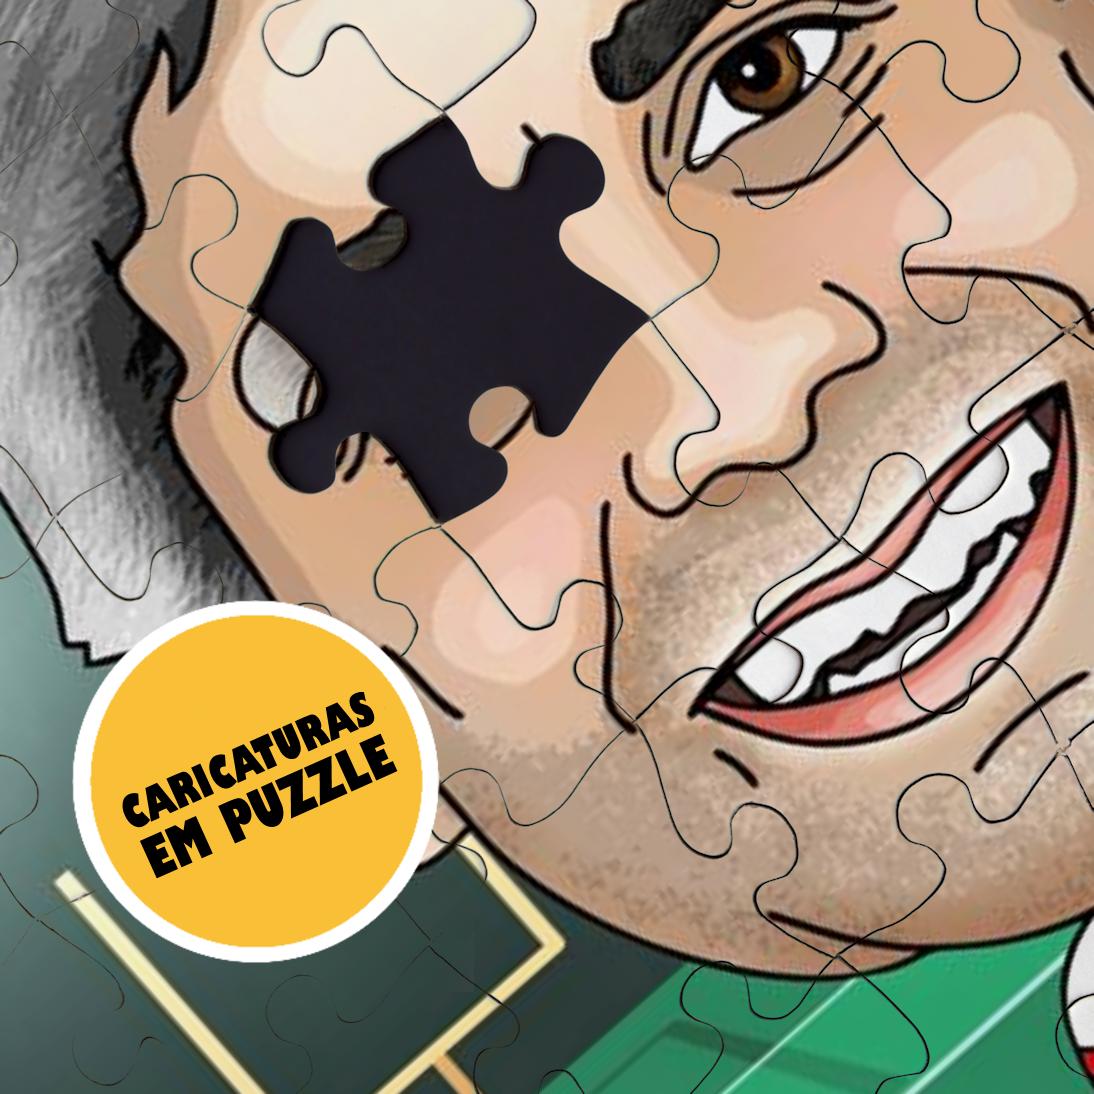 Caricaturas em Puzzle